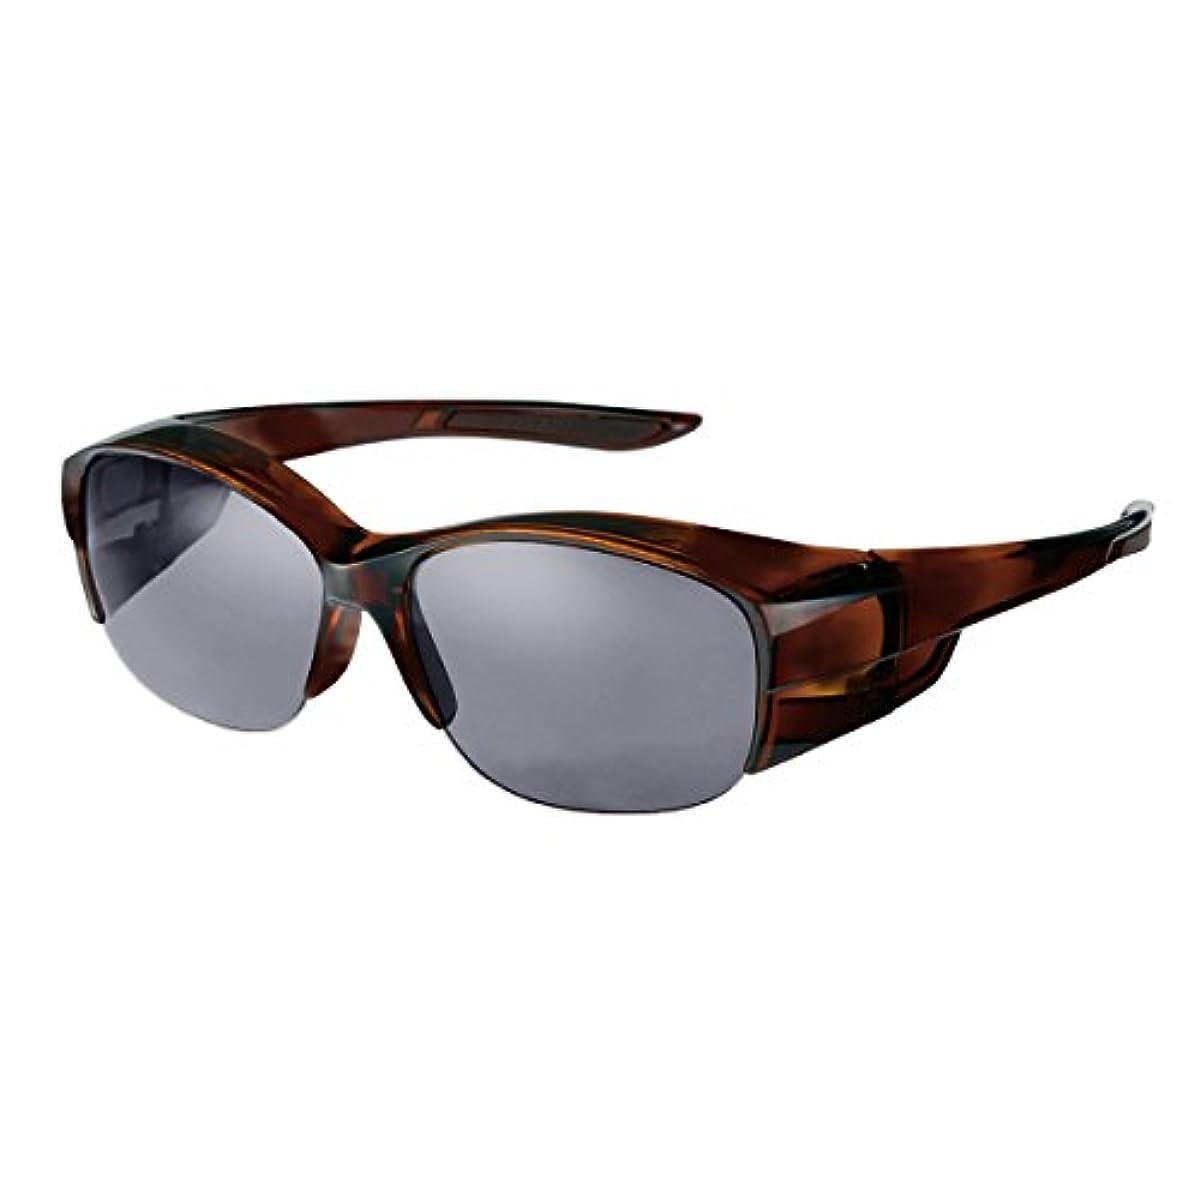 [해외] 【이시키와 료 프로 애용 브랜드】SWANS(스완스) 편광 썬글라스 안경의 위로부터 건(걸친) over글래스 OG-5